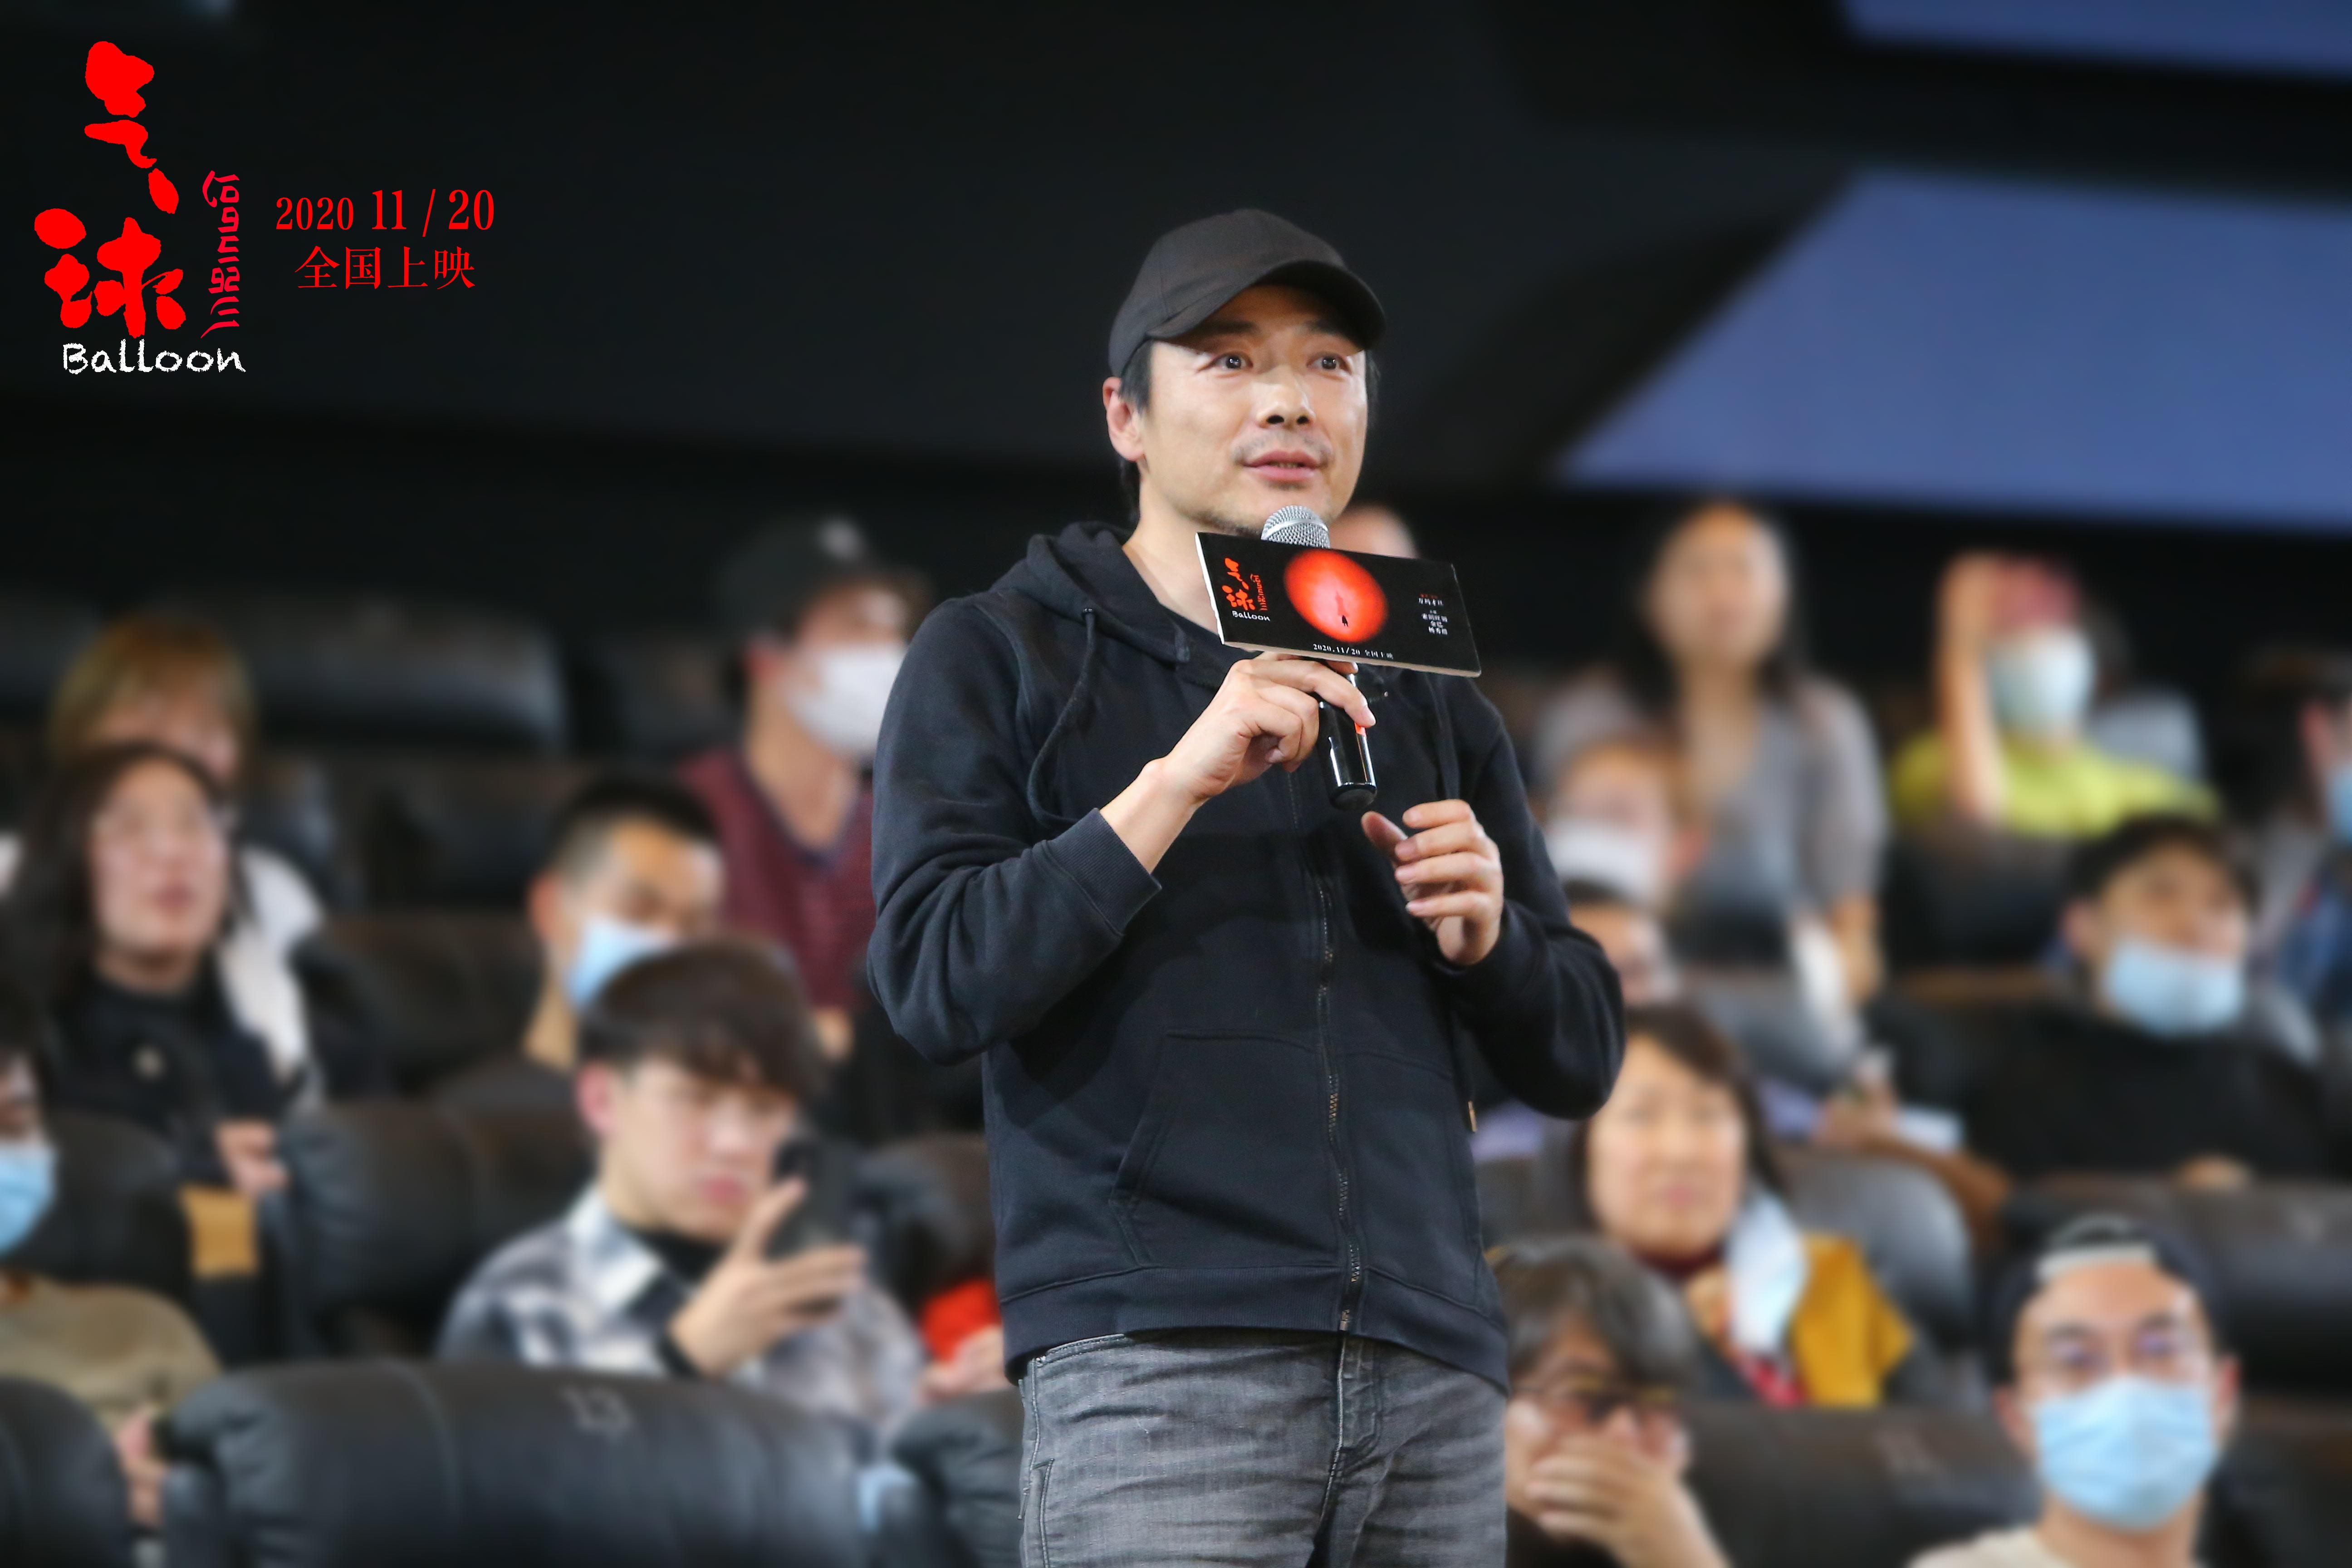 万玛才旦《气球》北京首映 乌尔善祖峰组团送祝福 第6张